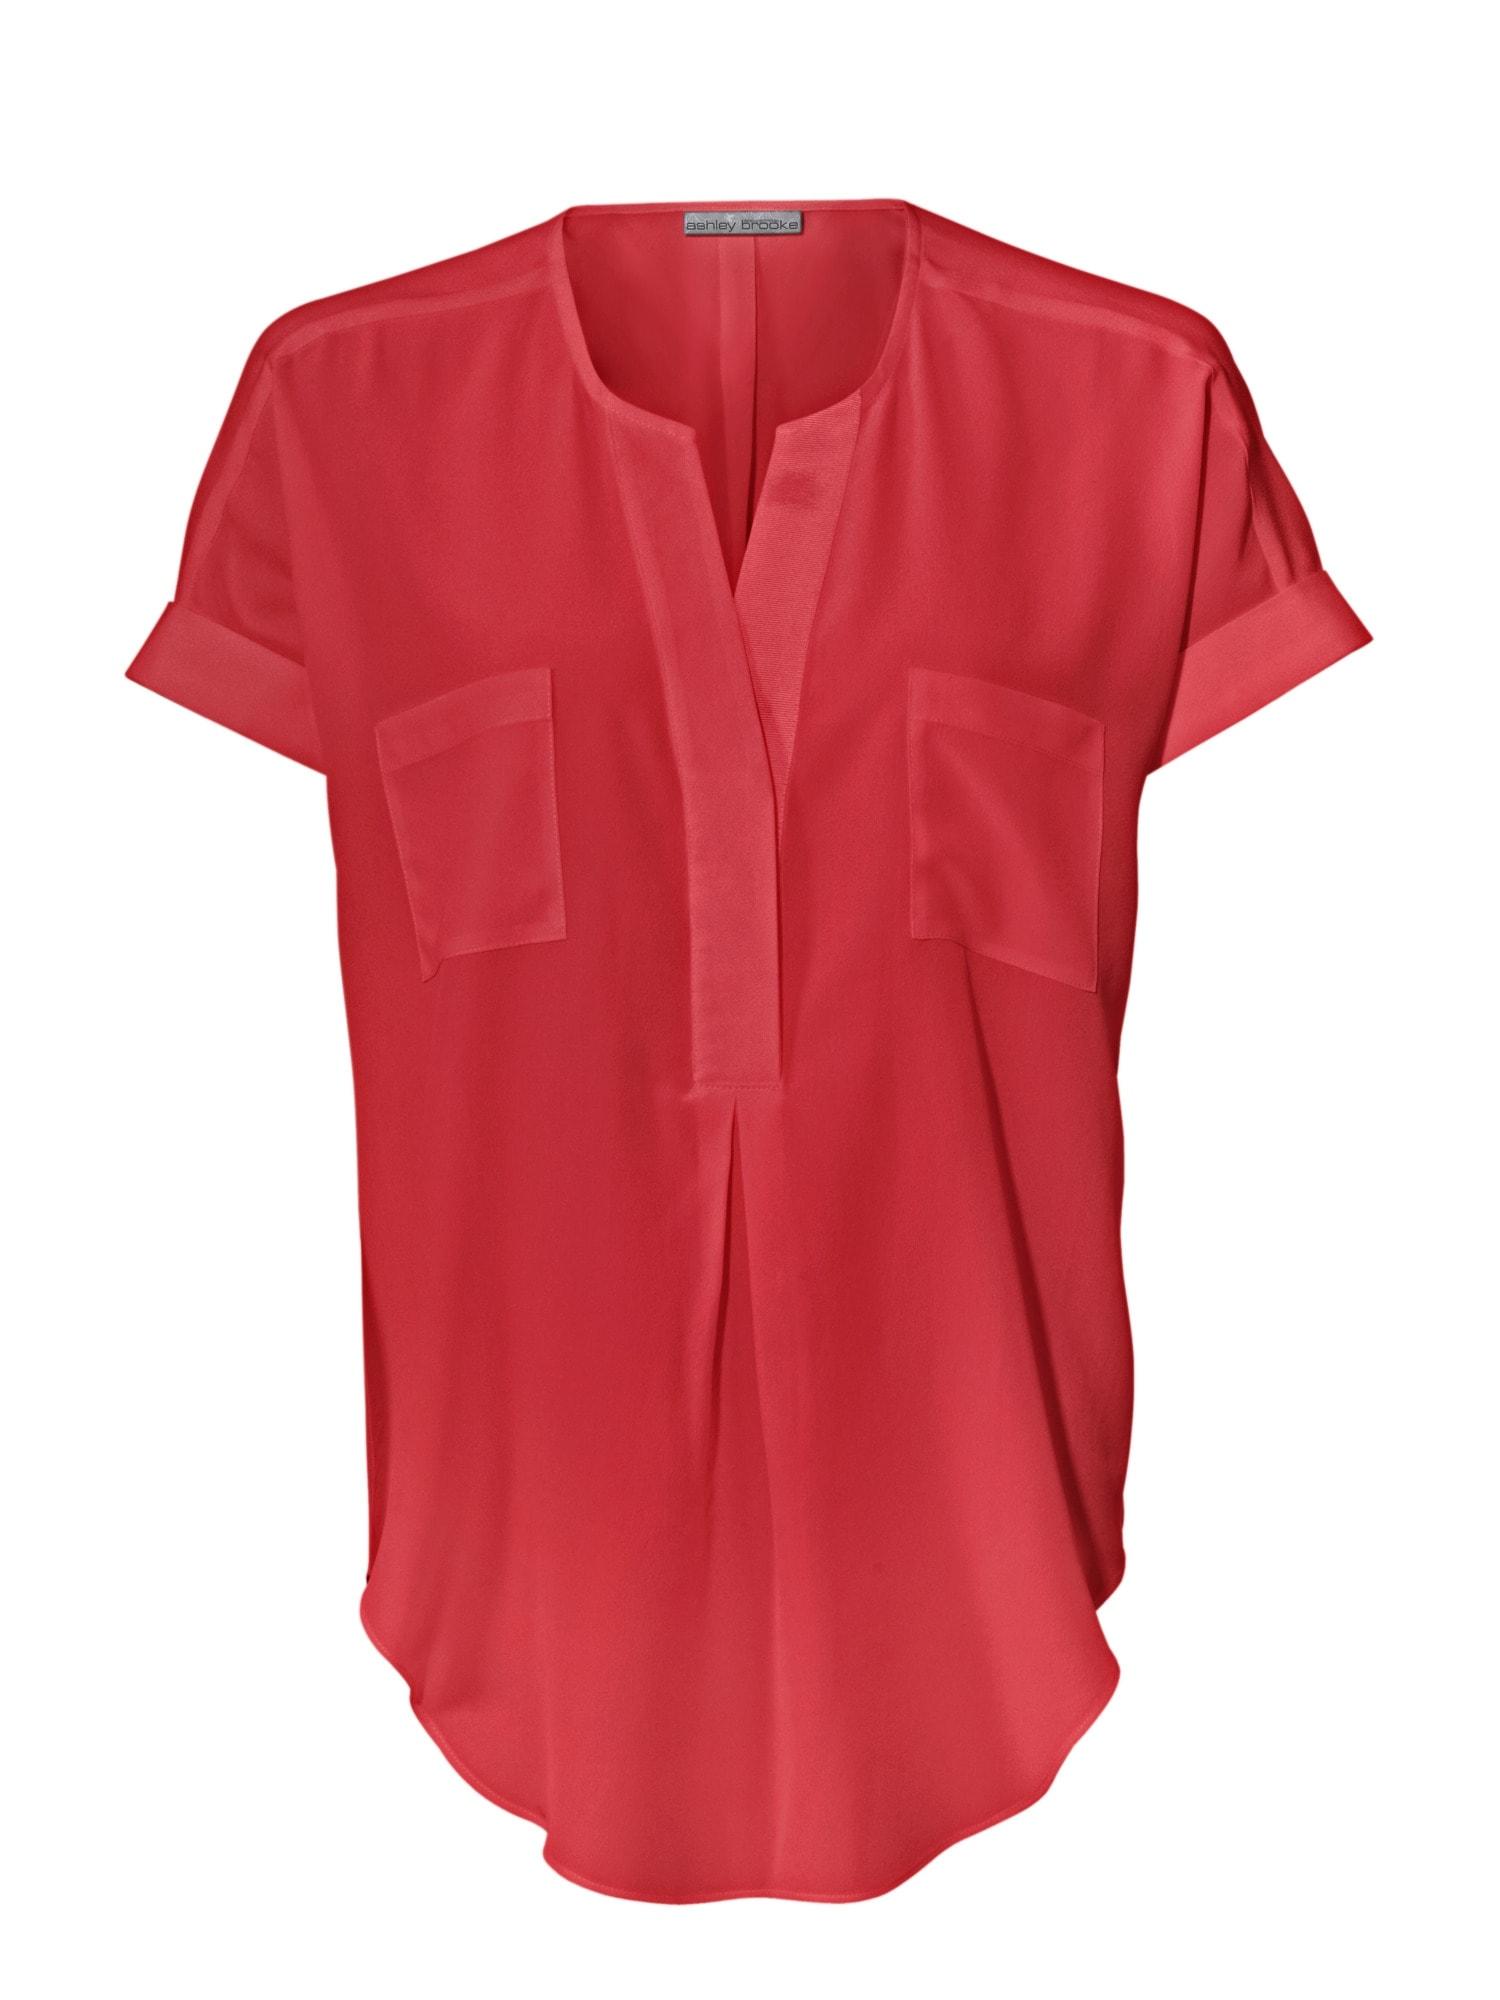 heine TIMELESS Seidenbluse mit aufgesetzten Taschen | Bekleidung > Blusen > Seidenblusen | heine